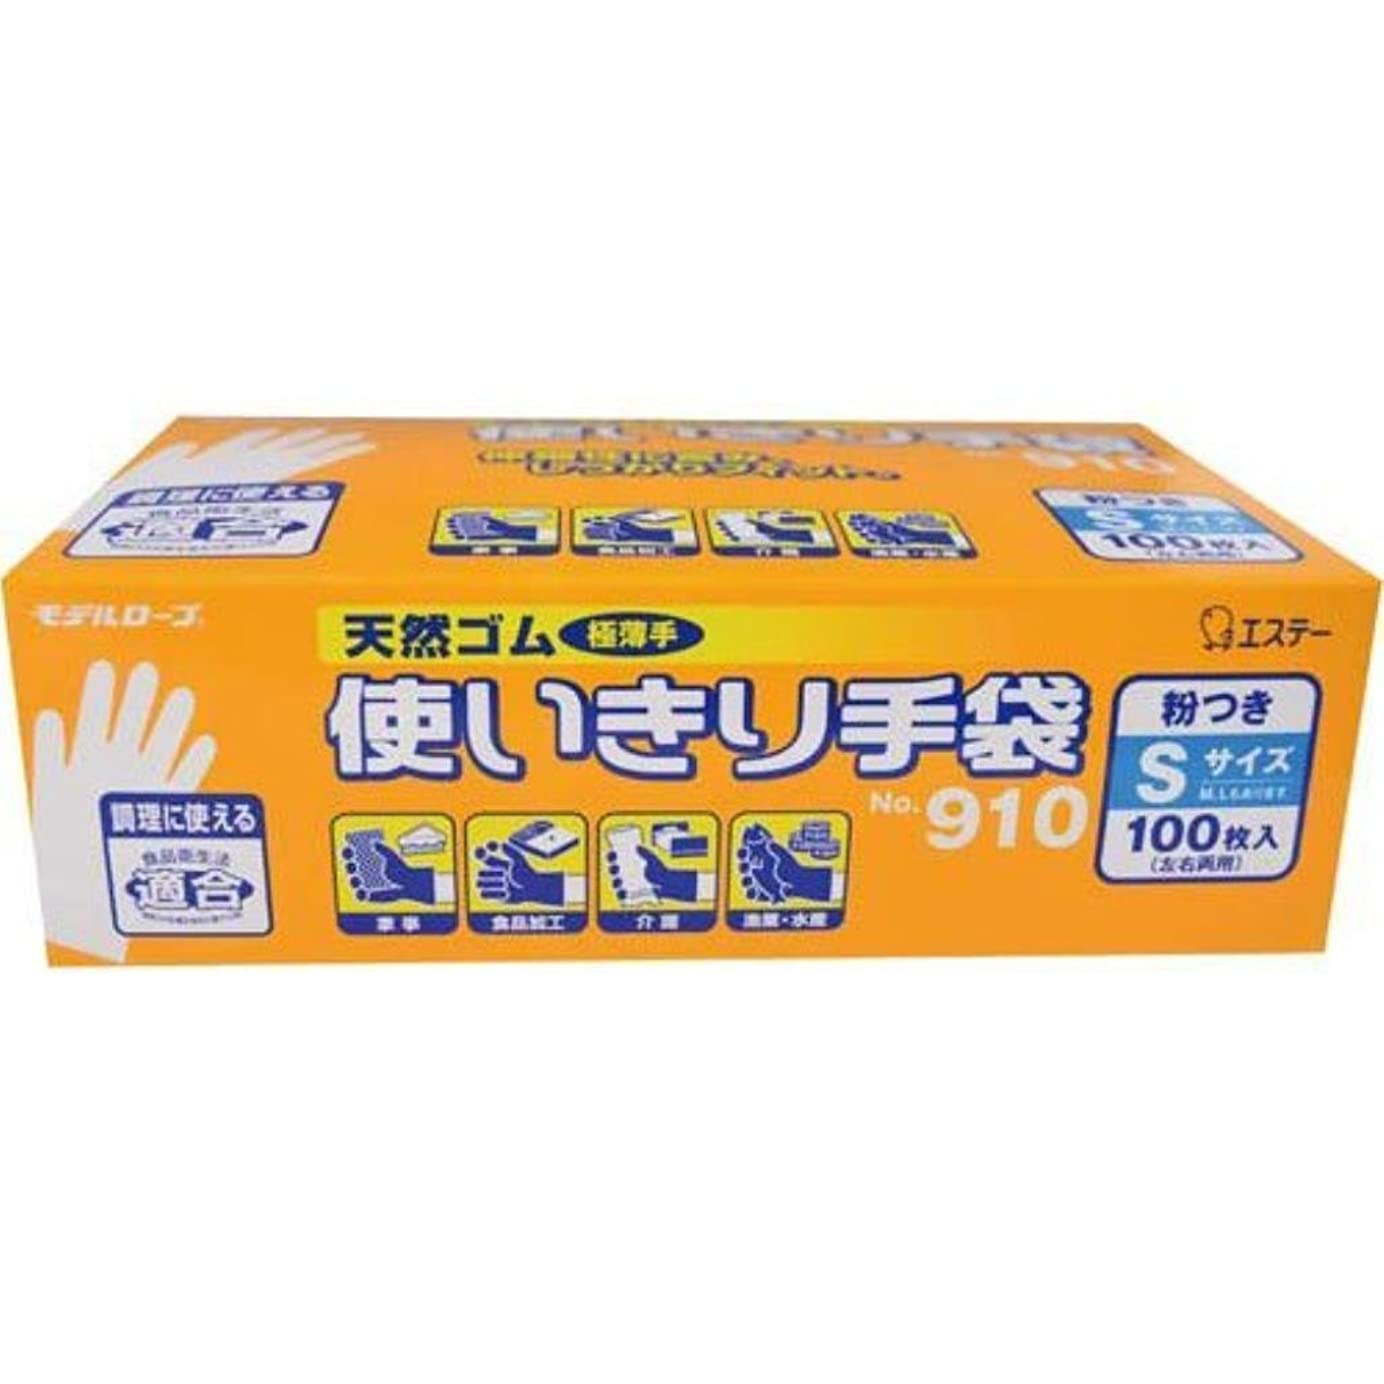 冷蔵する困難ピカリング(まとめ買い)エステー 天然ゴム使い切り手袋 No.910 S 【×3セット】